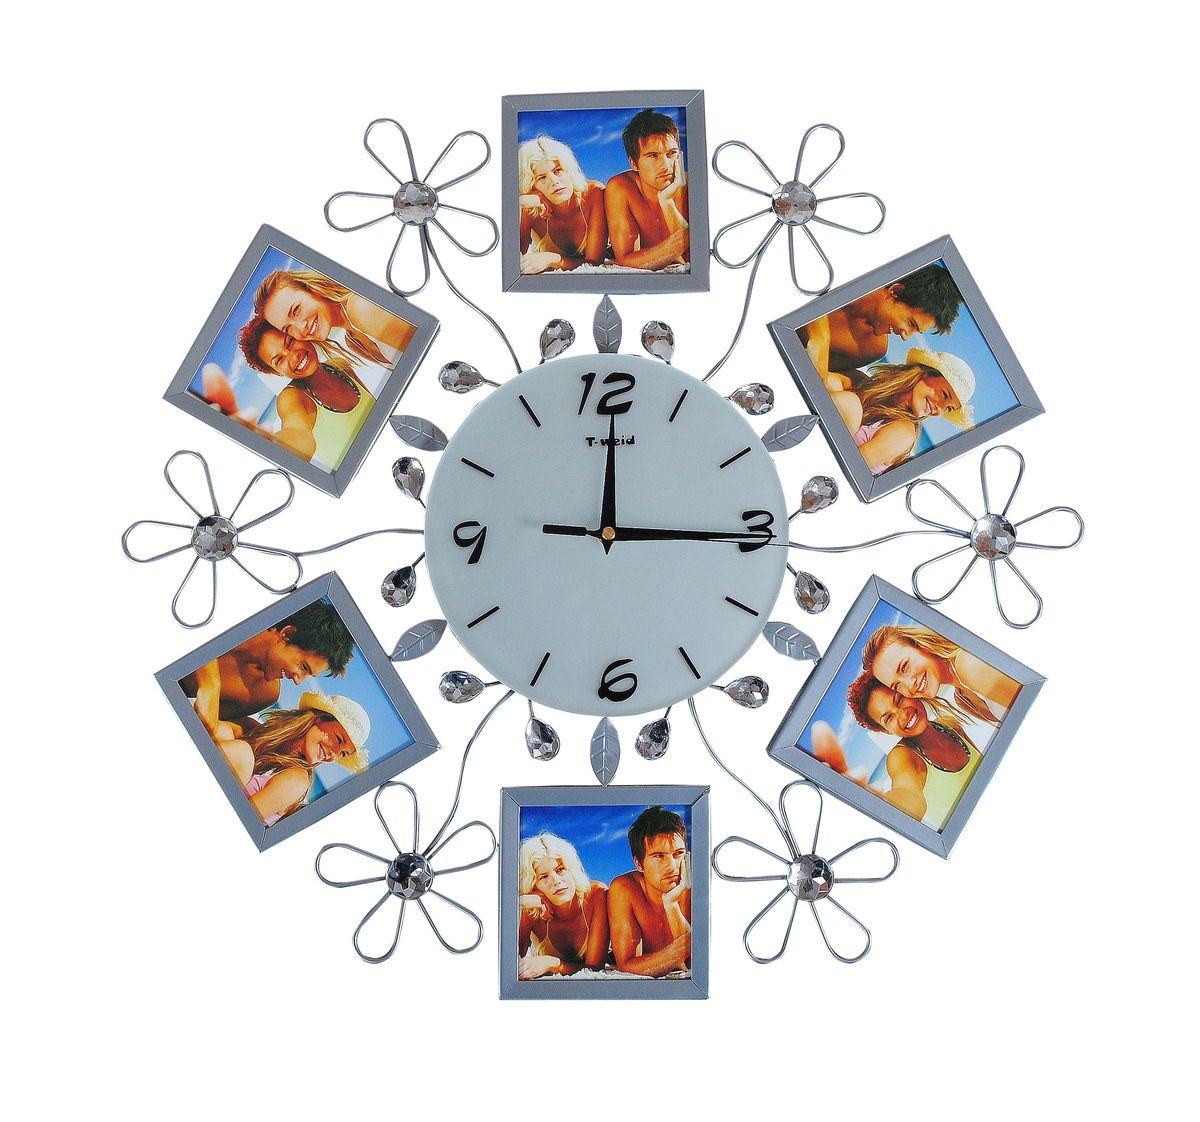 Часы настенные T-Weid, с фоторамками, цвет: серебристый, 50 х 50 х 5 смM 2051 BНастенные кварцевые часы T-Weid с фоторамками - это прекрасный предмет декора, а также универсальный подарок практически по любому поводу. Циферблат часов оснащен тремя фигурными стрелками: часовой, минутной и секундной. Циферблат выполнен из матового, прочного стекла. Корпус часов украшен стразами. На задней стенке часов расположена металлическая петелька для подвешивания и блок с часовым механизмом. Часы прекрасно впишутся в любой интерьер. Тип механизма: плавающий, бесшумный. Рекомендуется докупить батарейку типа АА (не входит в комплект). Для 6 фото 11 х 11 см.